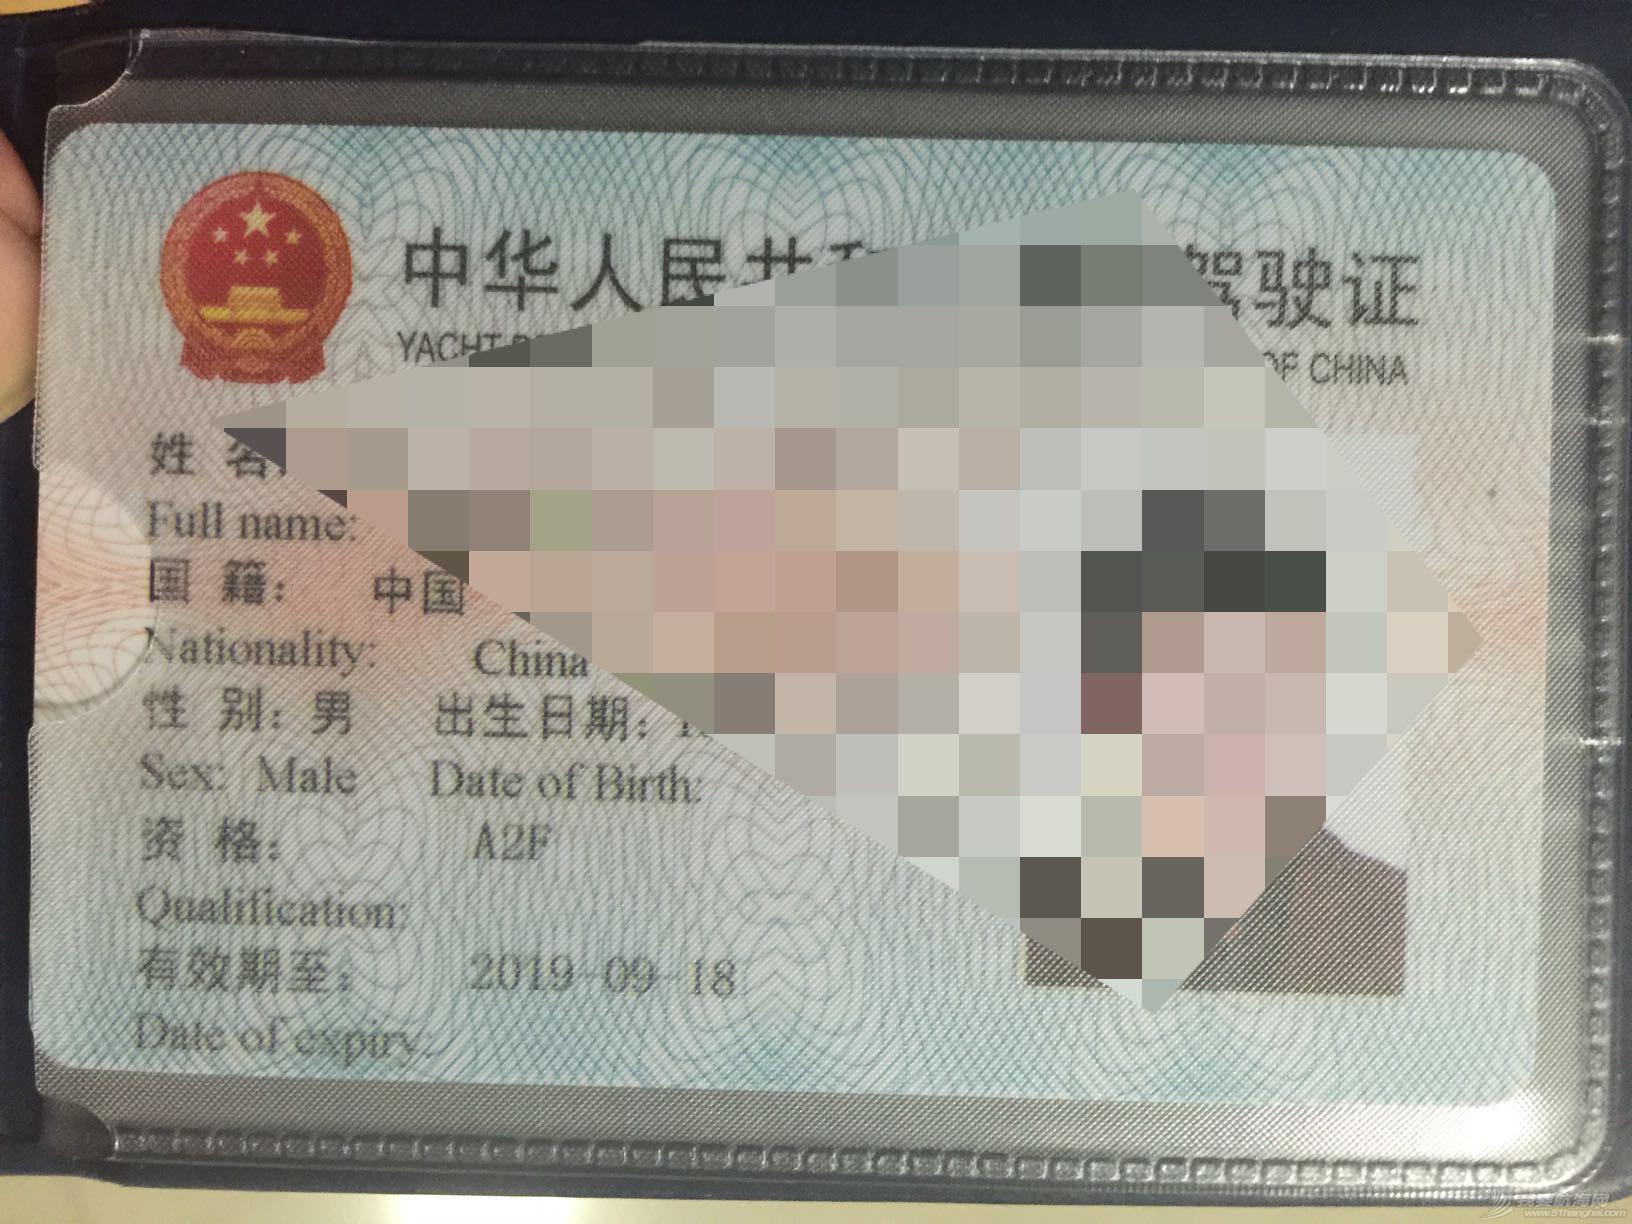 游艇驾照,帆船驾照,RYA,ASA,IYT 中国游艇驾驶证-帆船培训认证体系大全-4个认证+一个驾照:RYA/ASA/IYT/CYA/A2F 中华人民共和国游艇驾驶证 正面